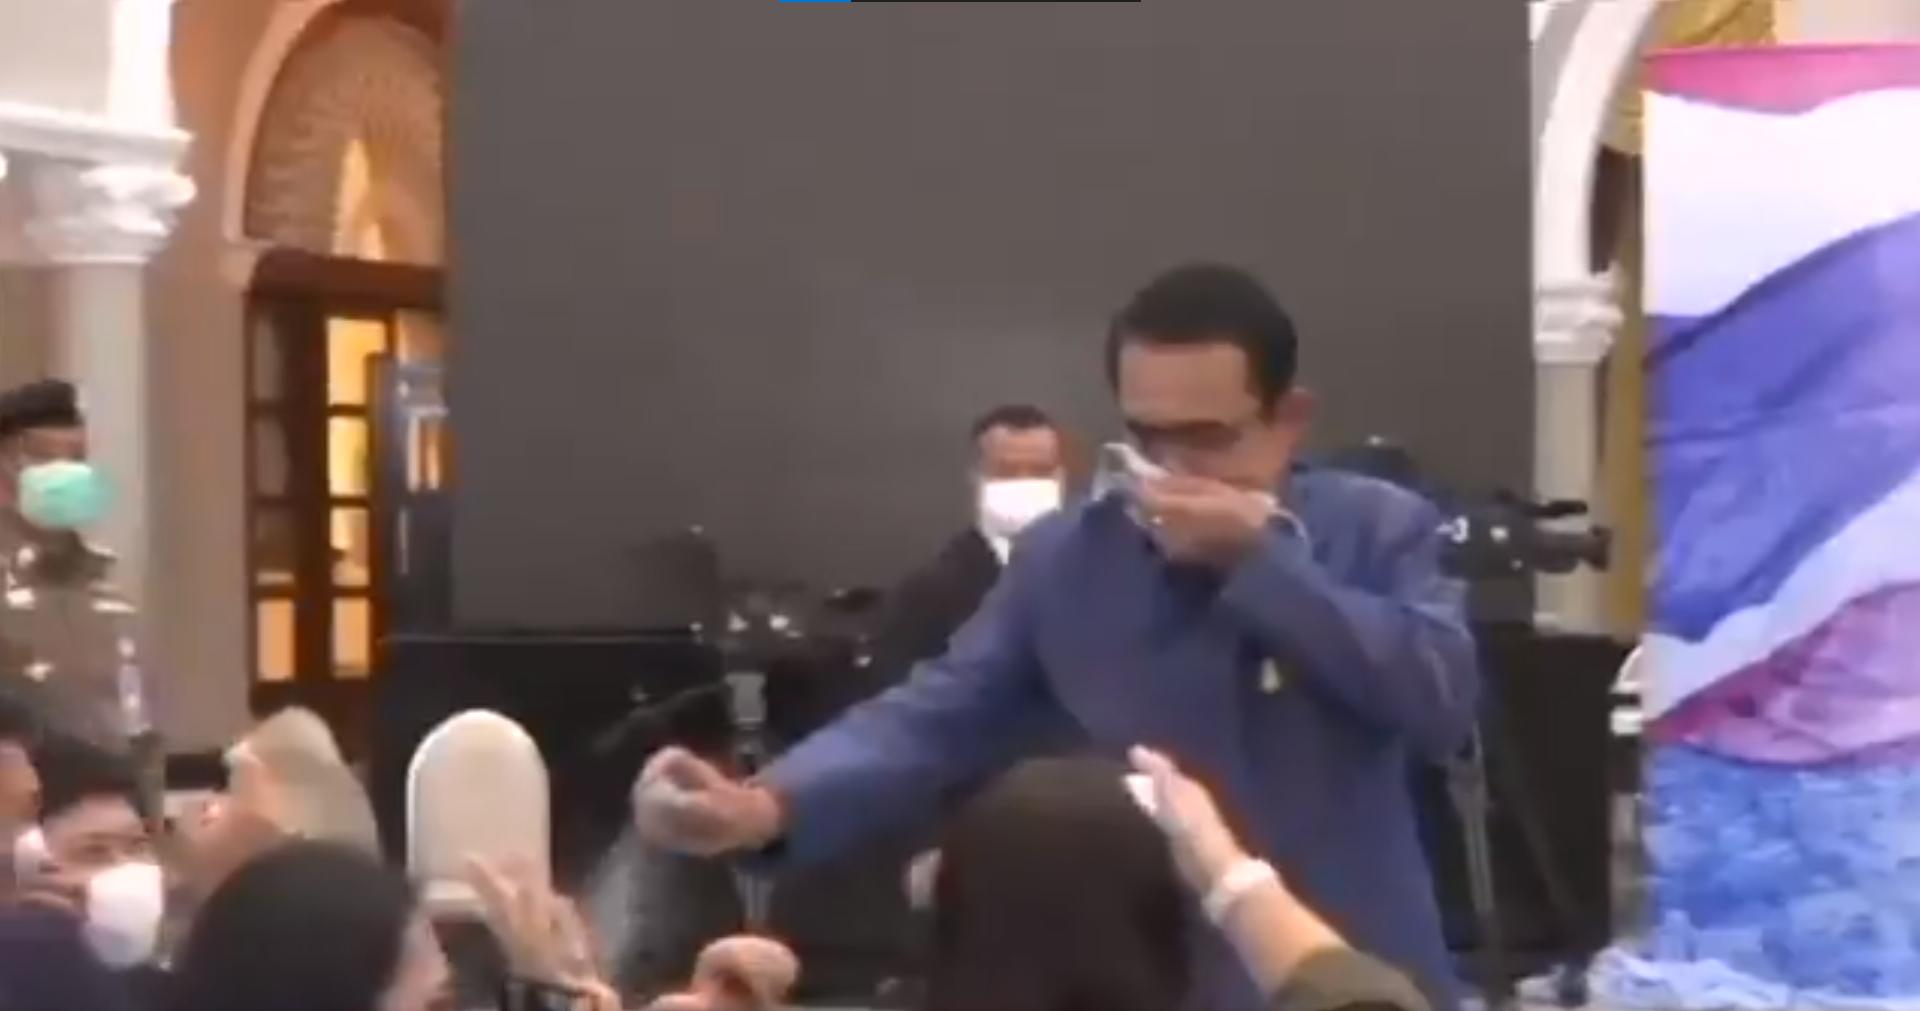 Semprot Disinfektan Ke Arah Wartawan, PM Thailand Viral! Apa Alasannya?